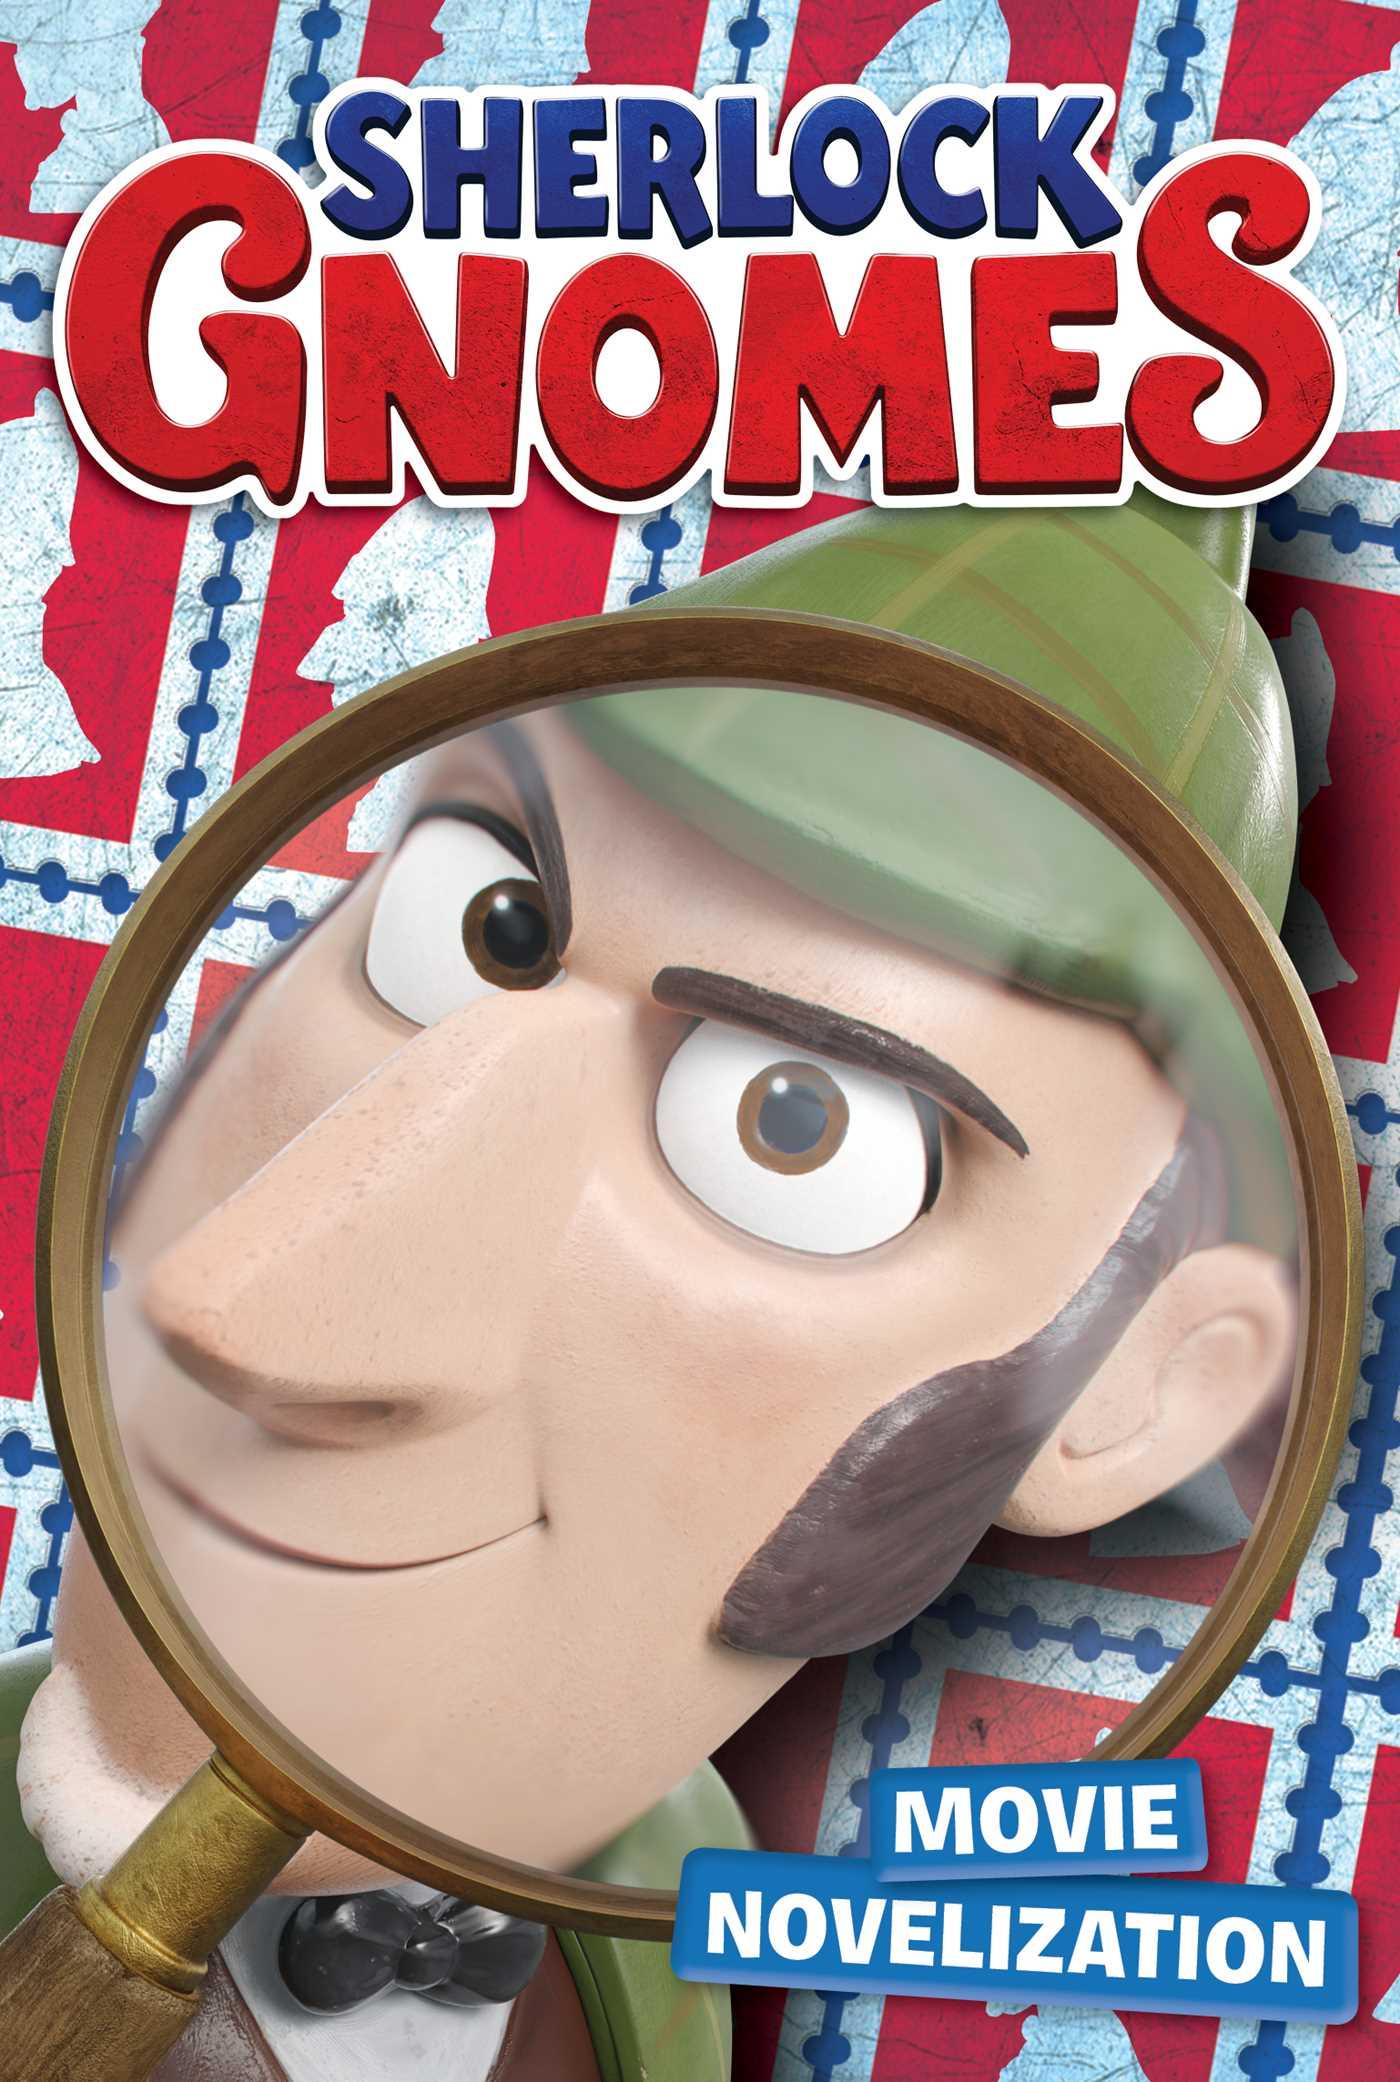 Sherlock gnomes movie novelization 9781534409569 hr